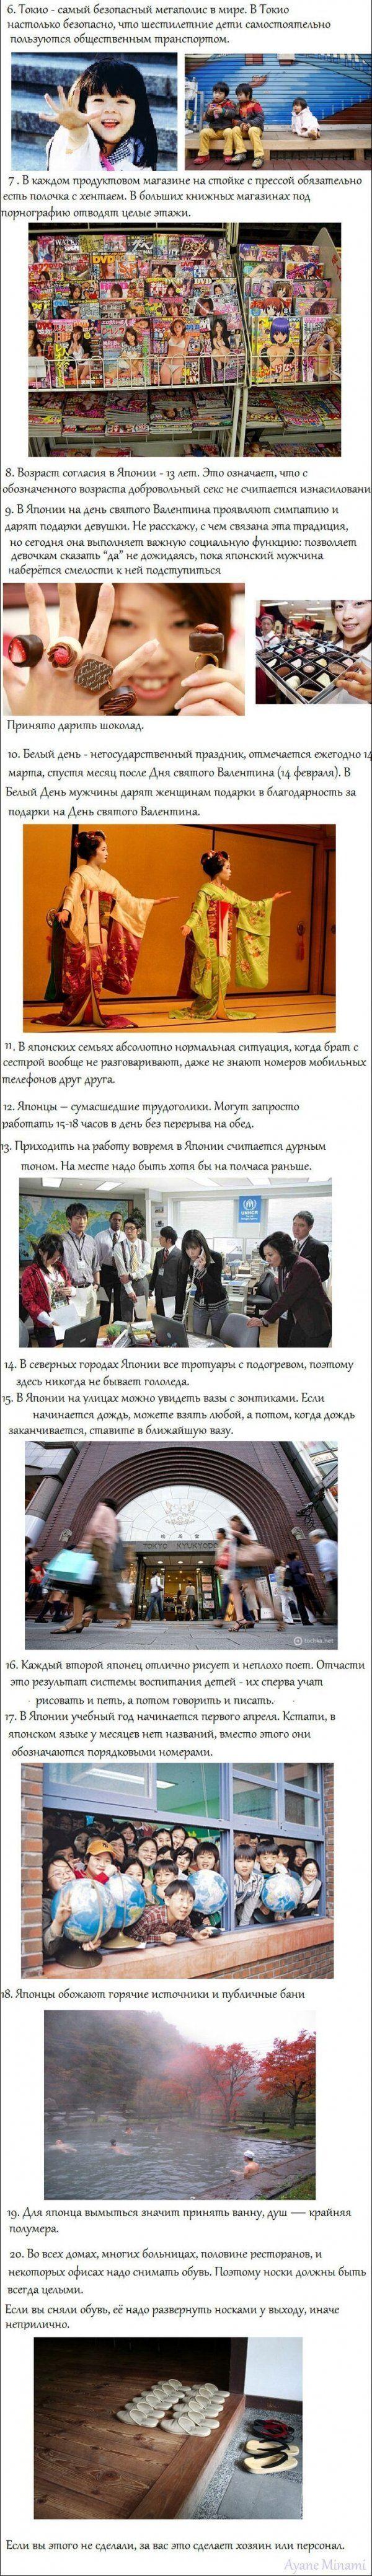 Несколько фактов о Японии Всячина